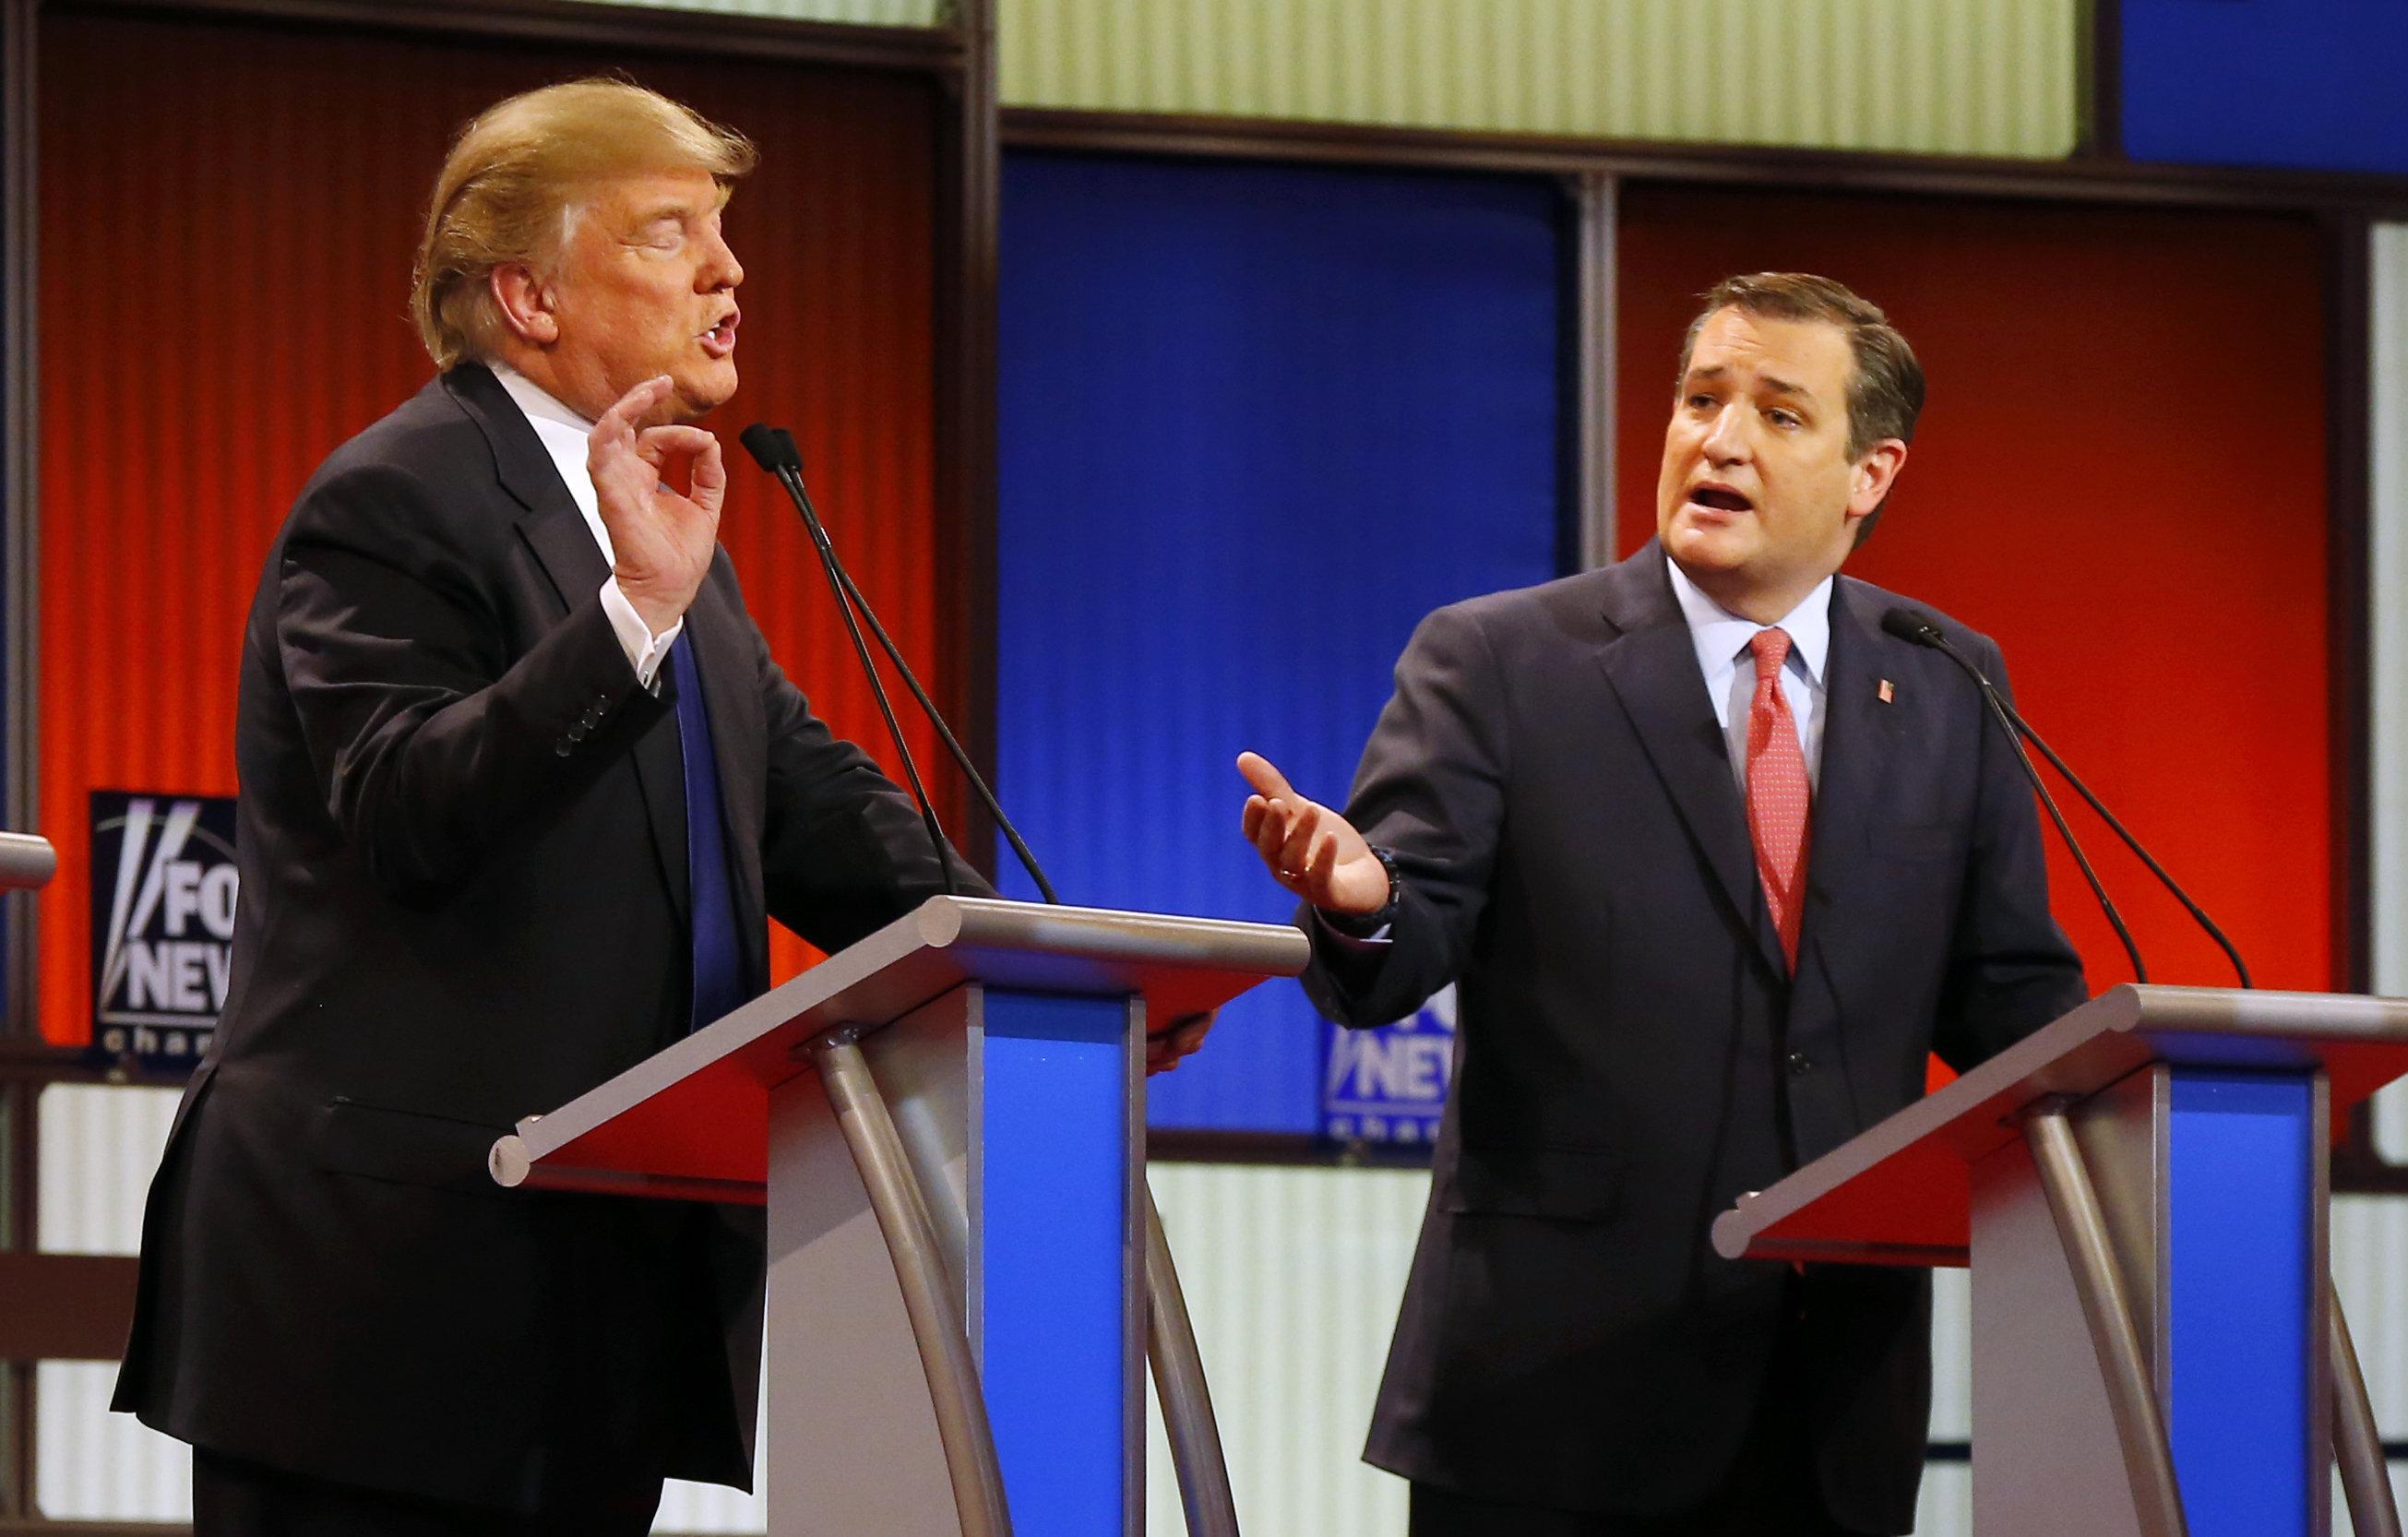 Les candidats républicains Donald Trump et Ted Cruz